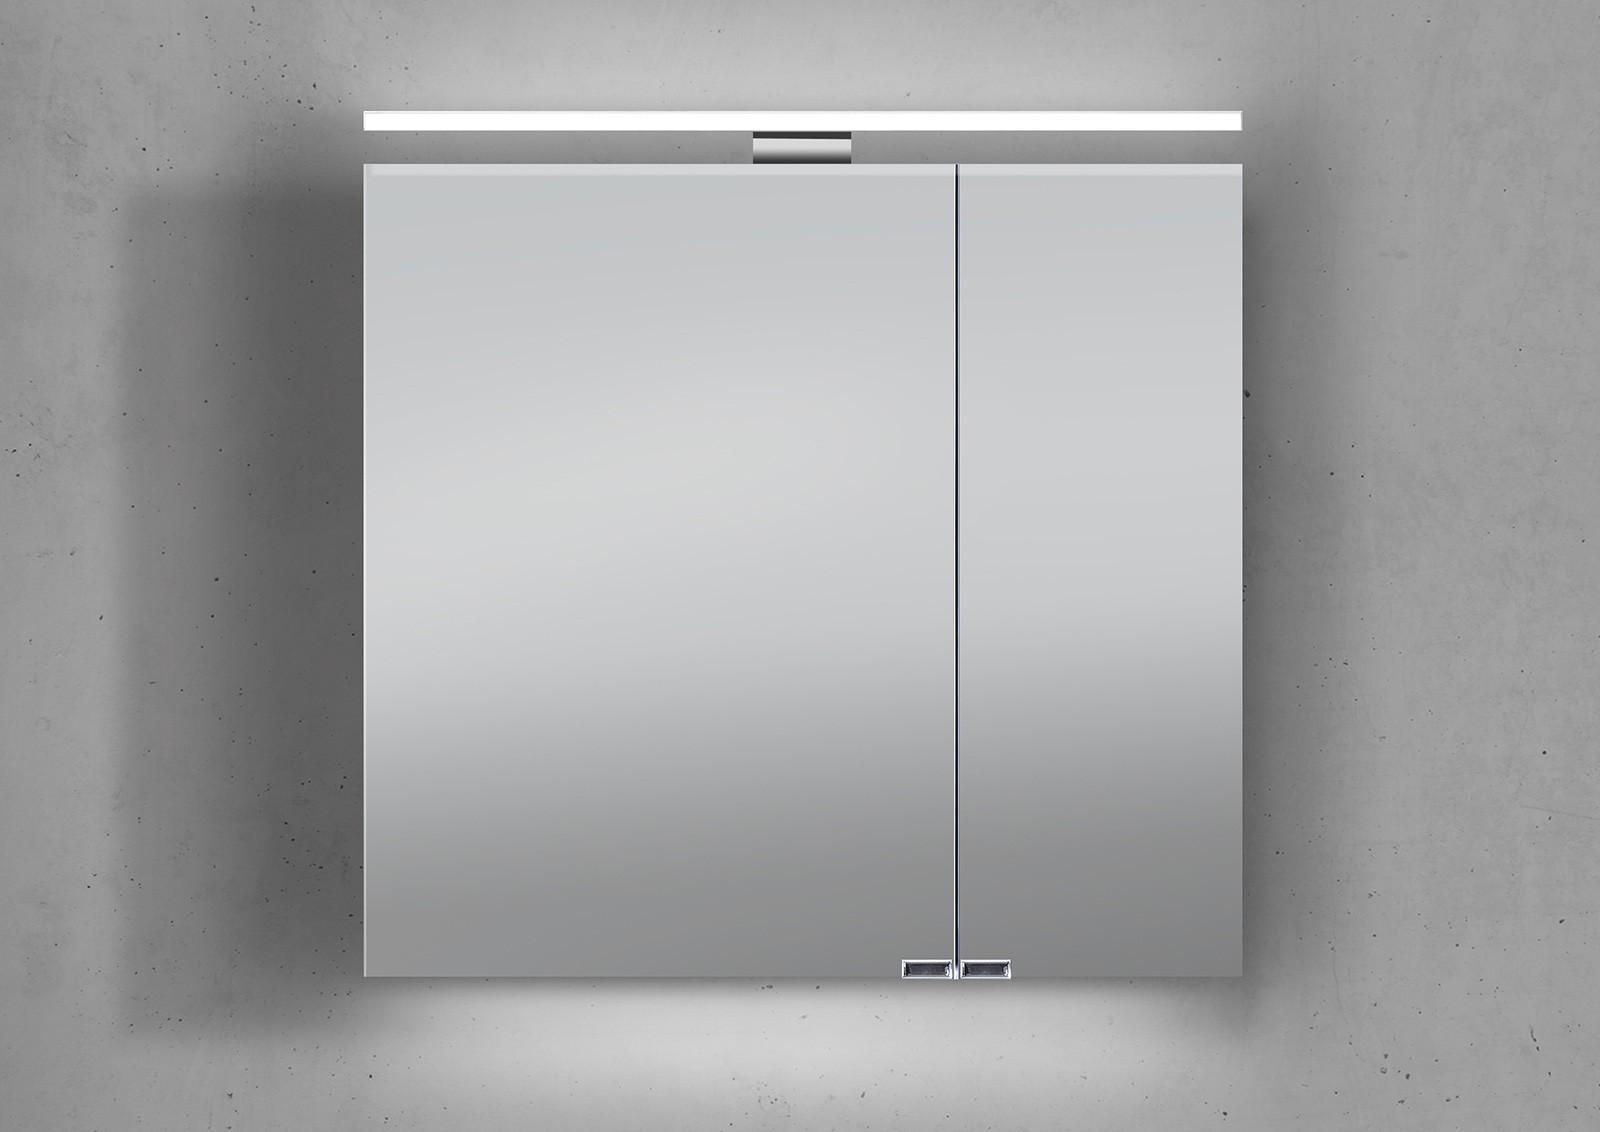 Spiegelschrank 60 Cm  Spiegelschrank 60 cm mit LED Beleuchtung